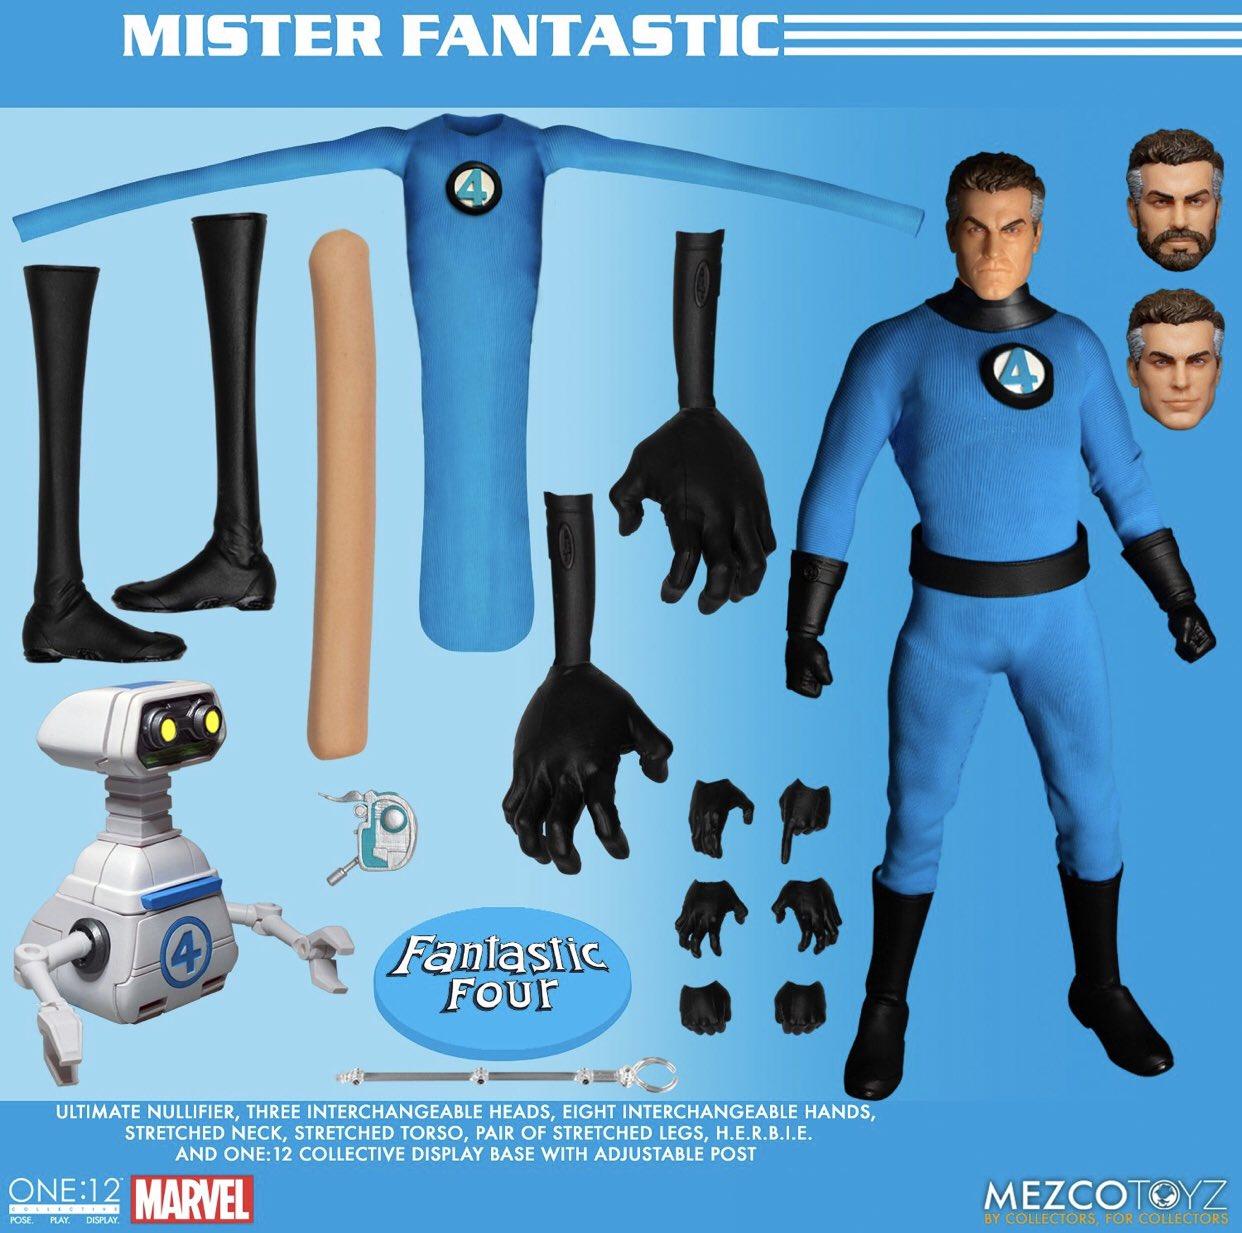 メズコ ONE 12 ファンタスティック・フォー ミスター・ファンタスティック